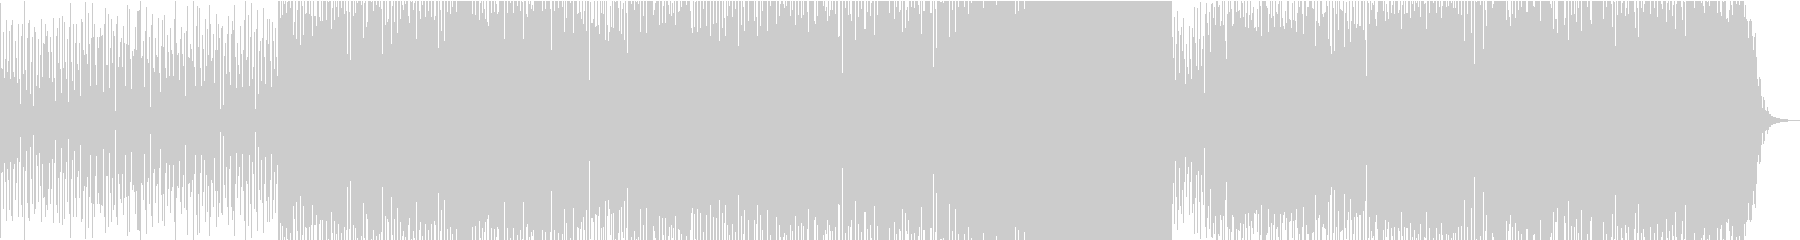 サウンドトラックブルースロック音楽。の未再生の波形